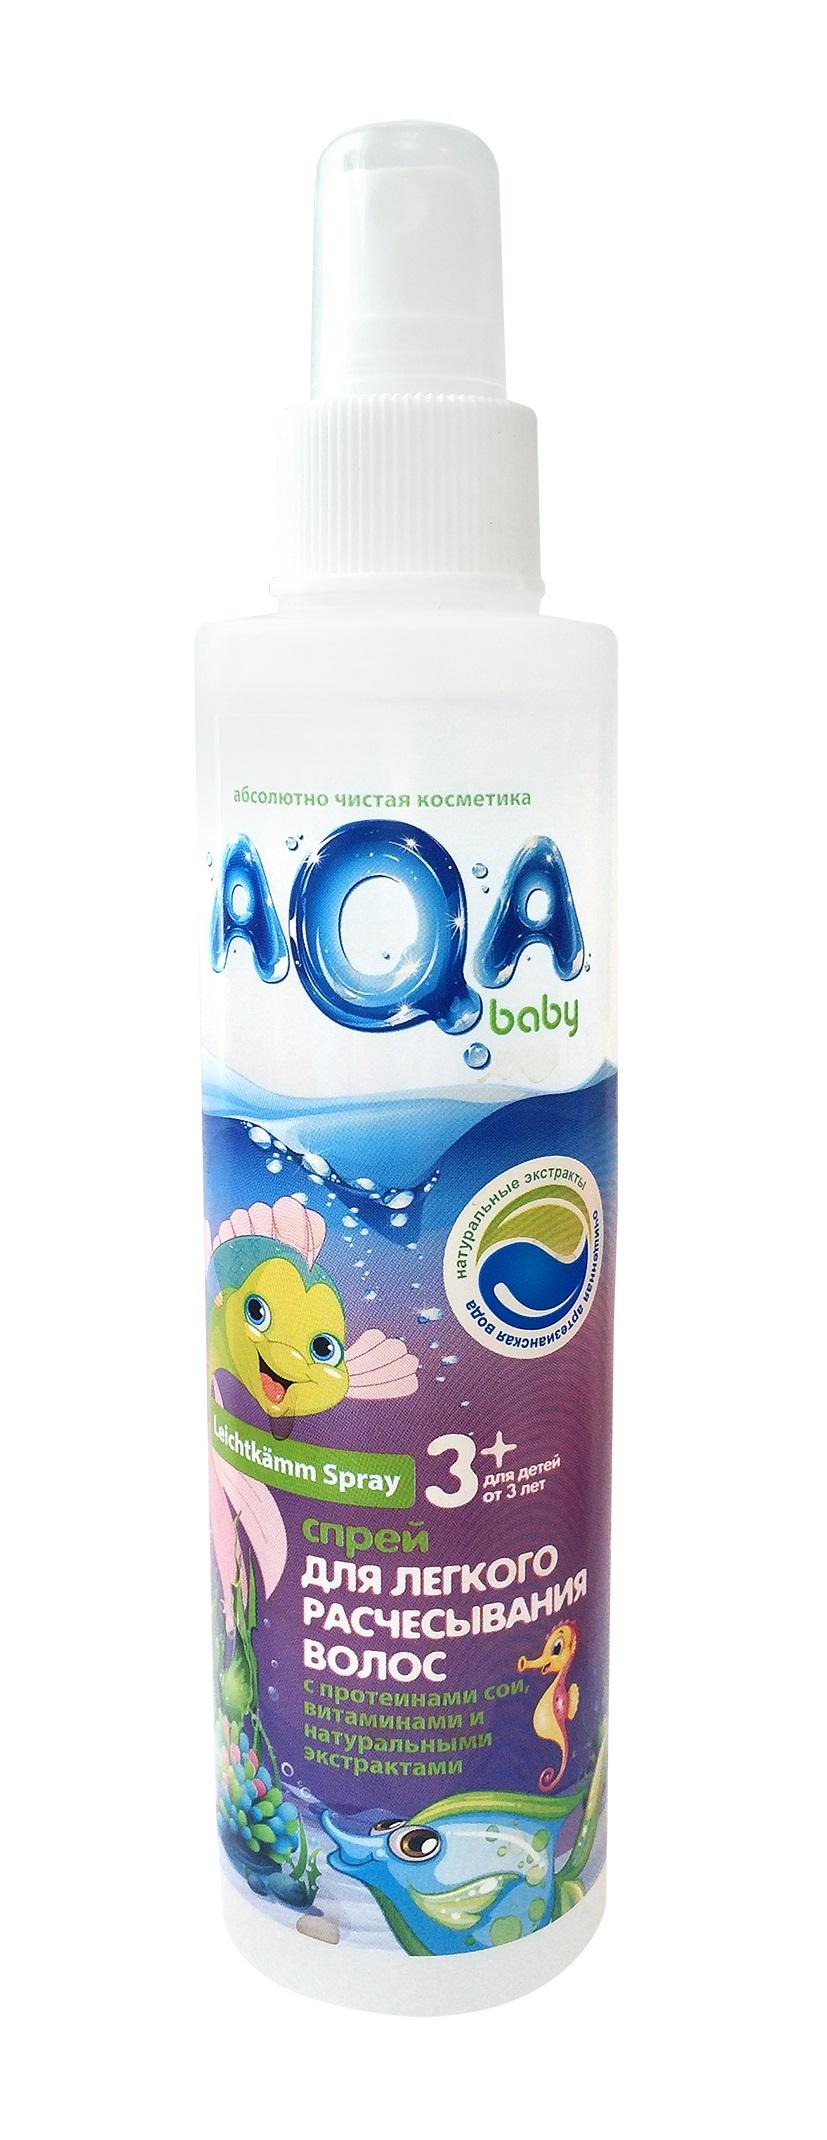 Шампуни и бальзамы AQA baby Спрей AQA Baby Kids для легкого расчесывания волос 200 мл бальзам для волос aqa baby kids 210 мл